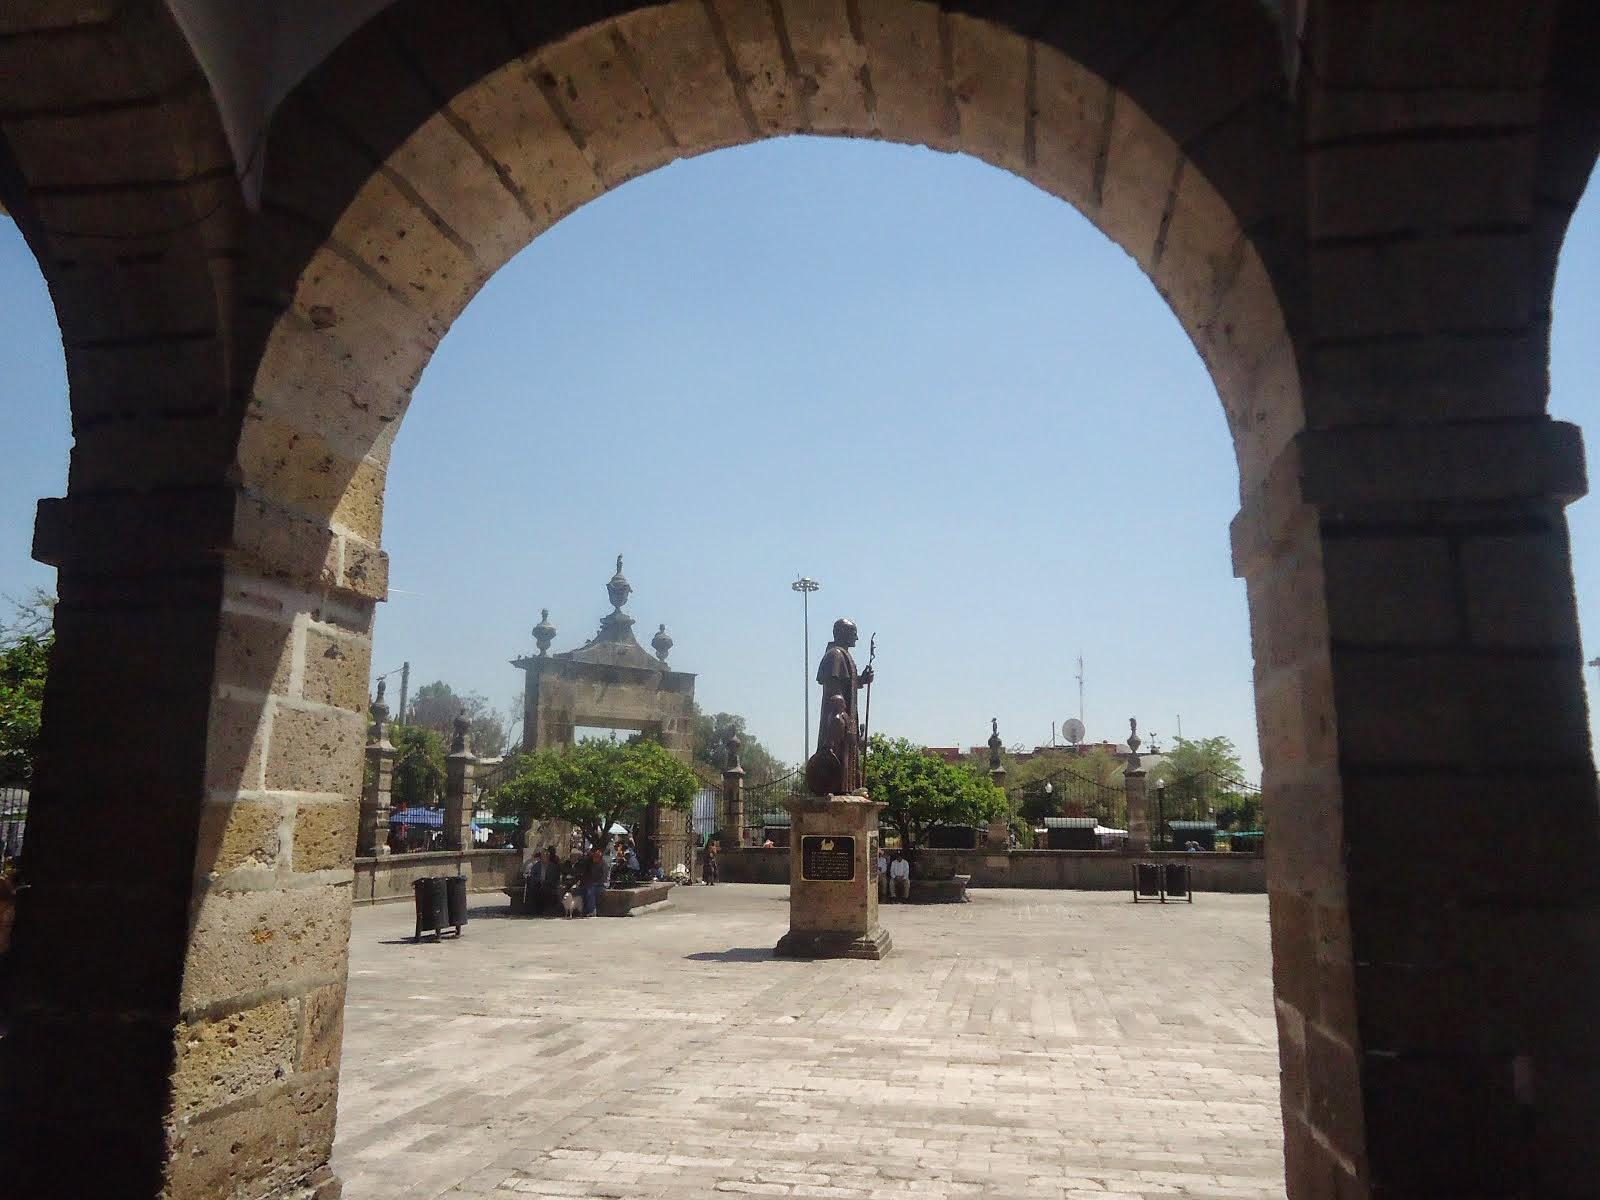 rincon del santo juan pablo II